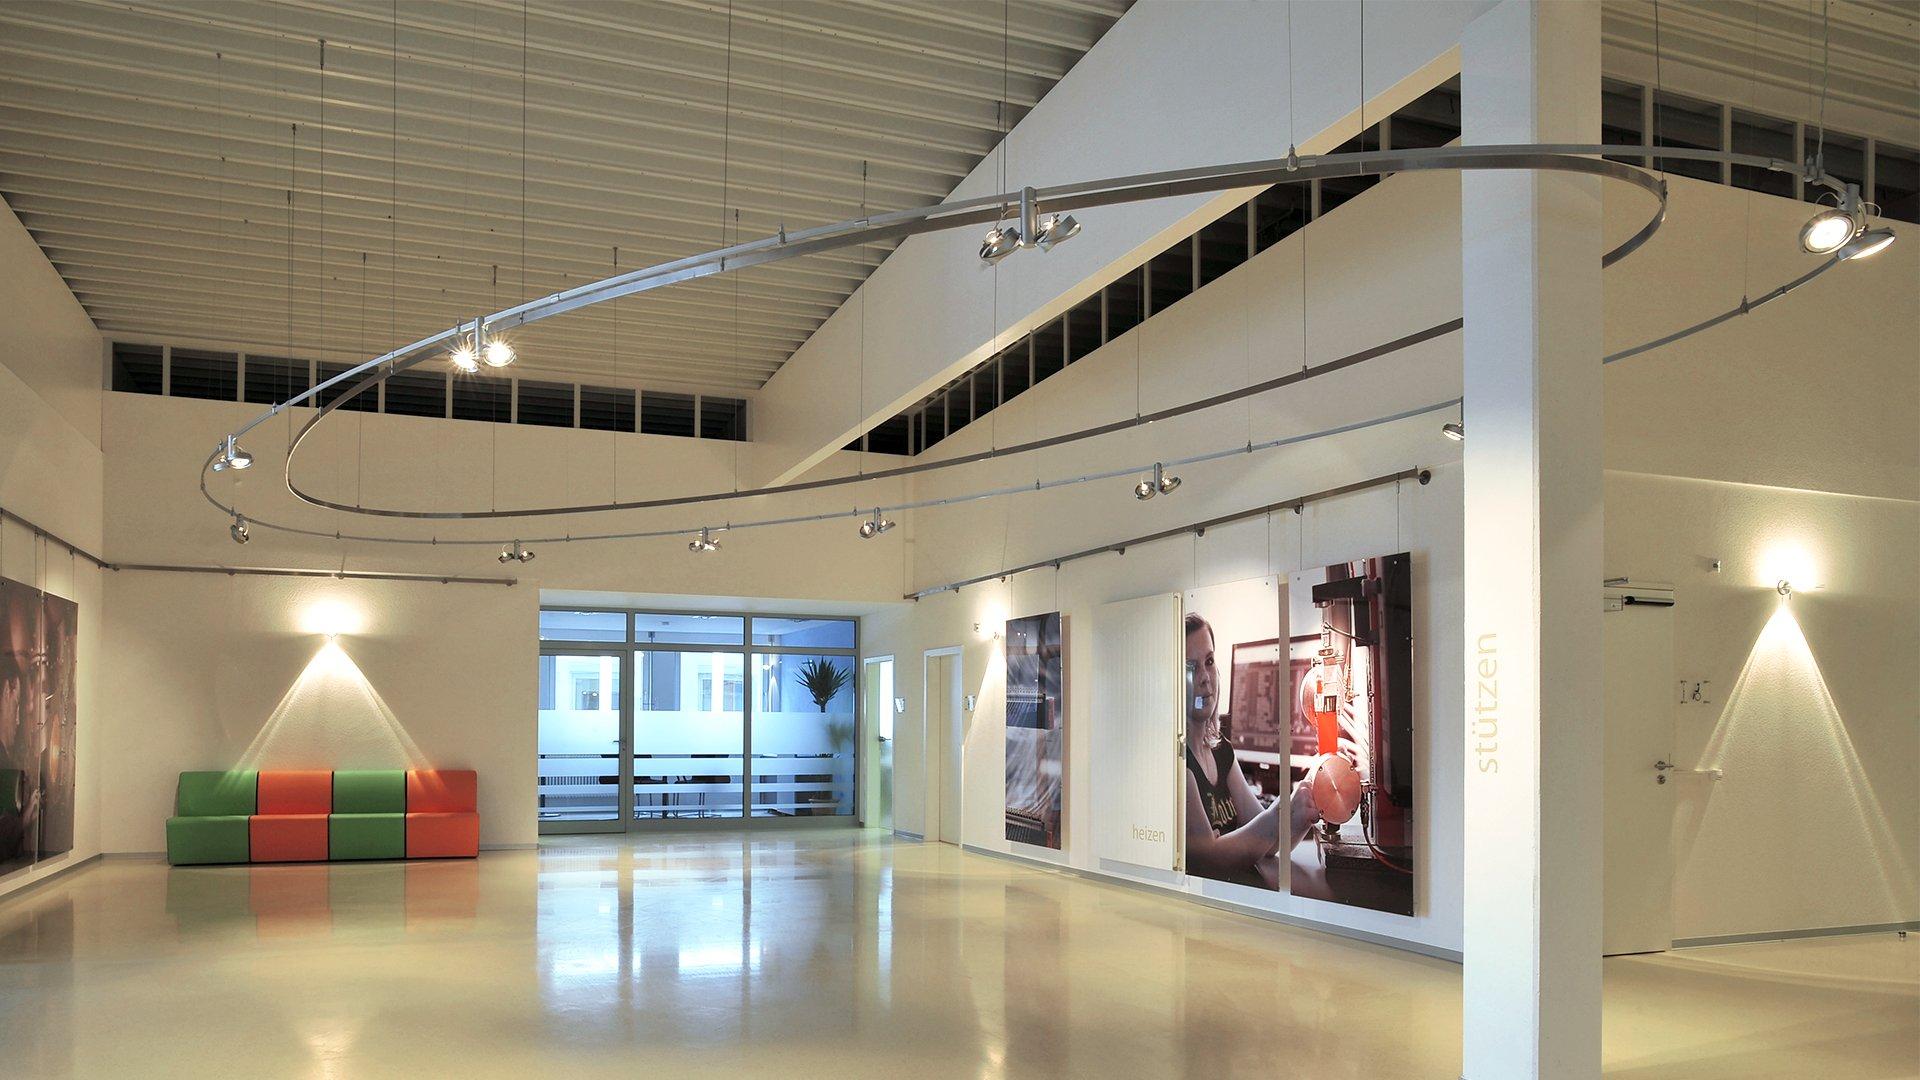 Blick in das Foyer der Gatex mit einer ovalen Beleuchtungsschiene